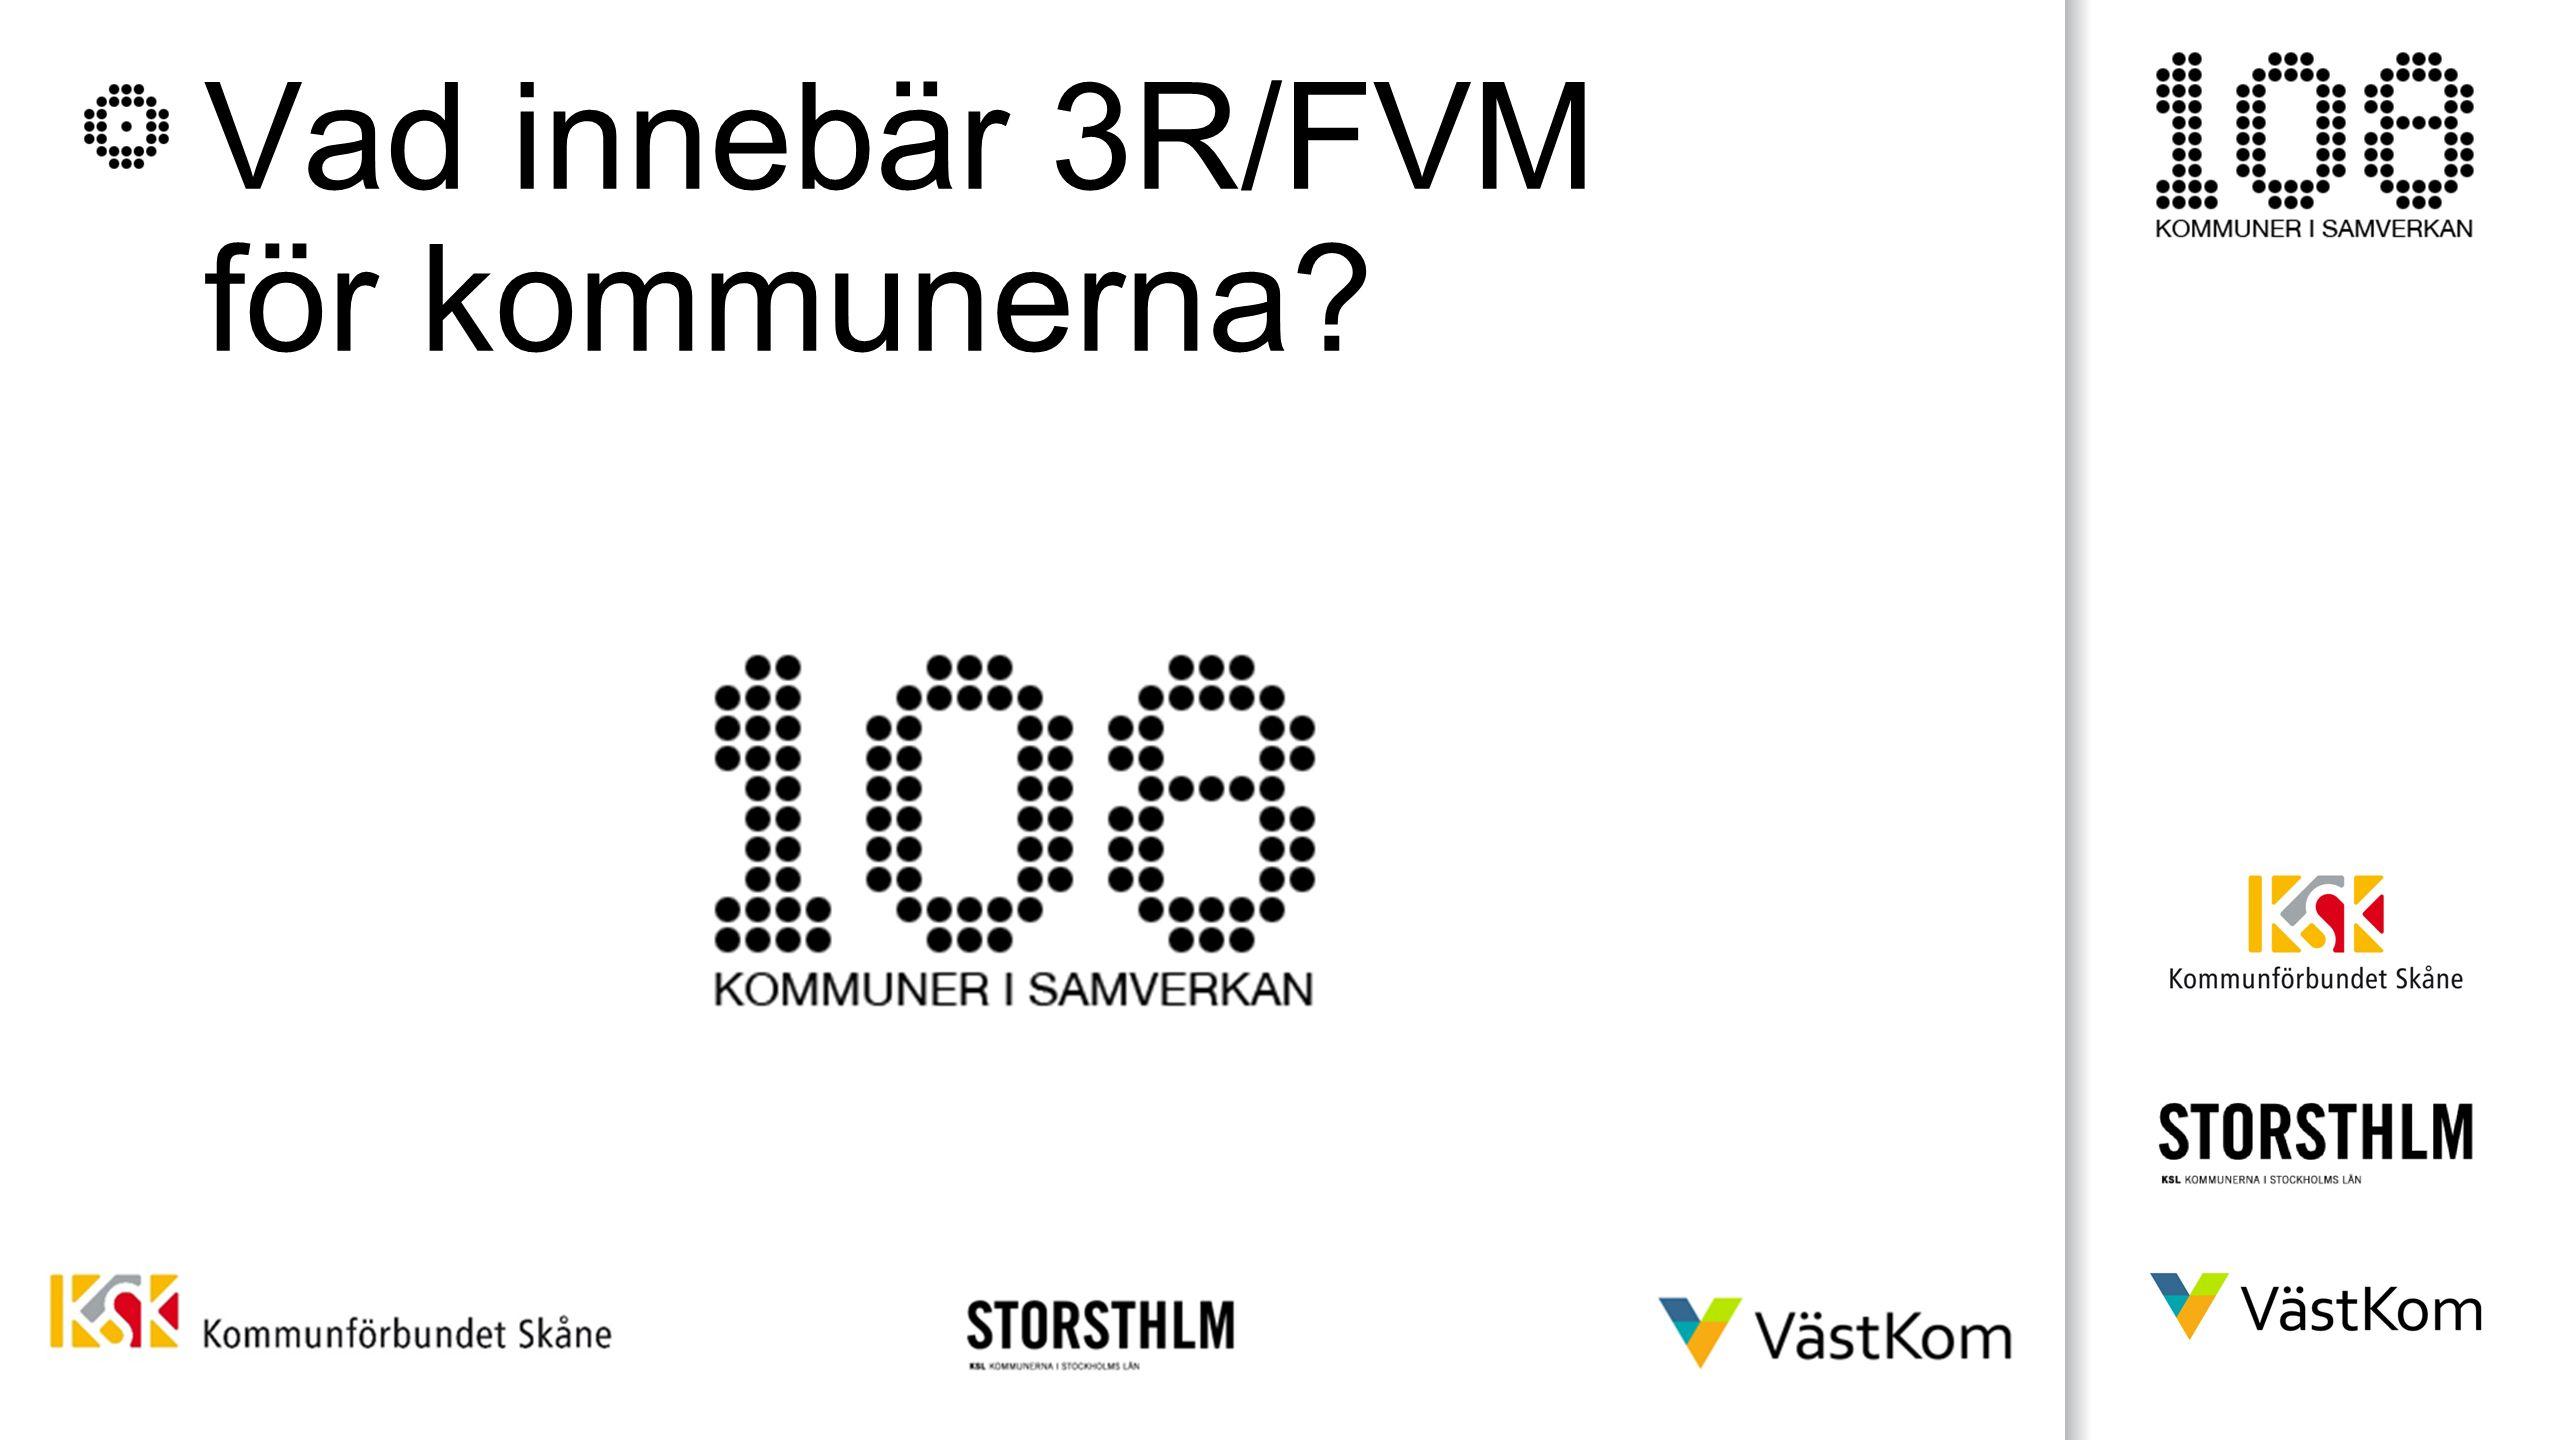 Vad innebär 3R/FVM för kommunerna?